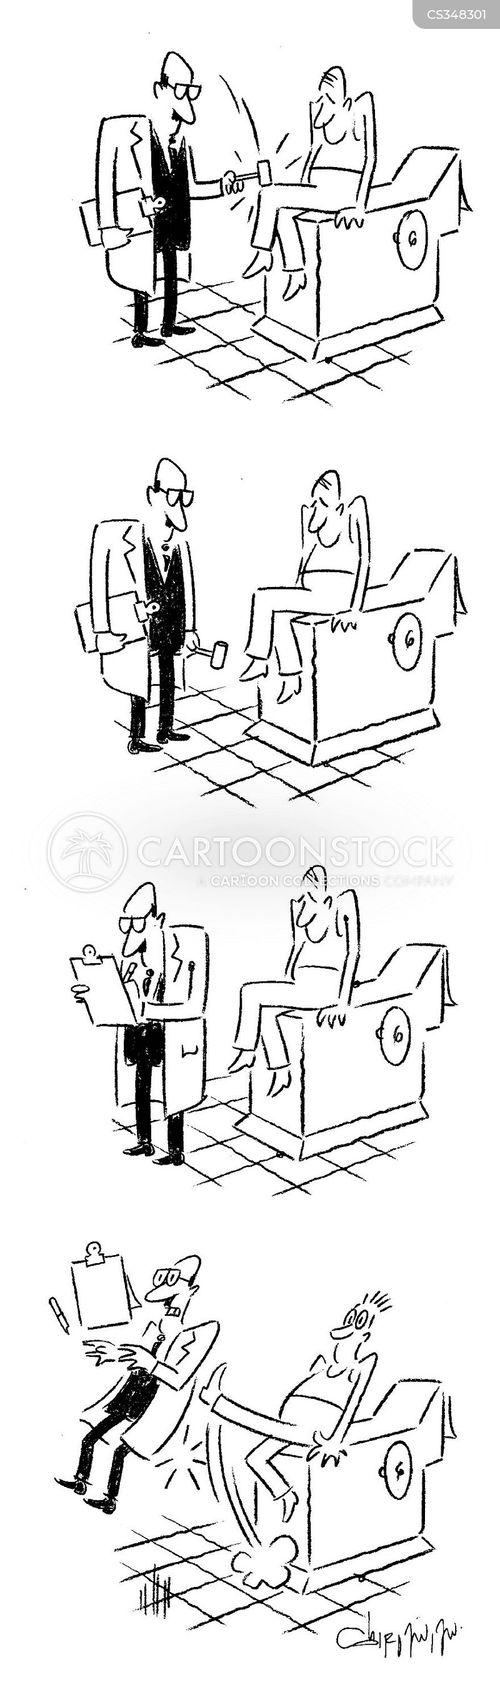 reflex test cartoon